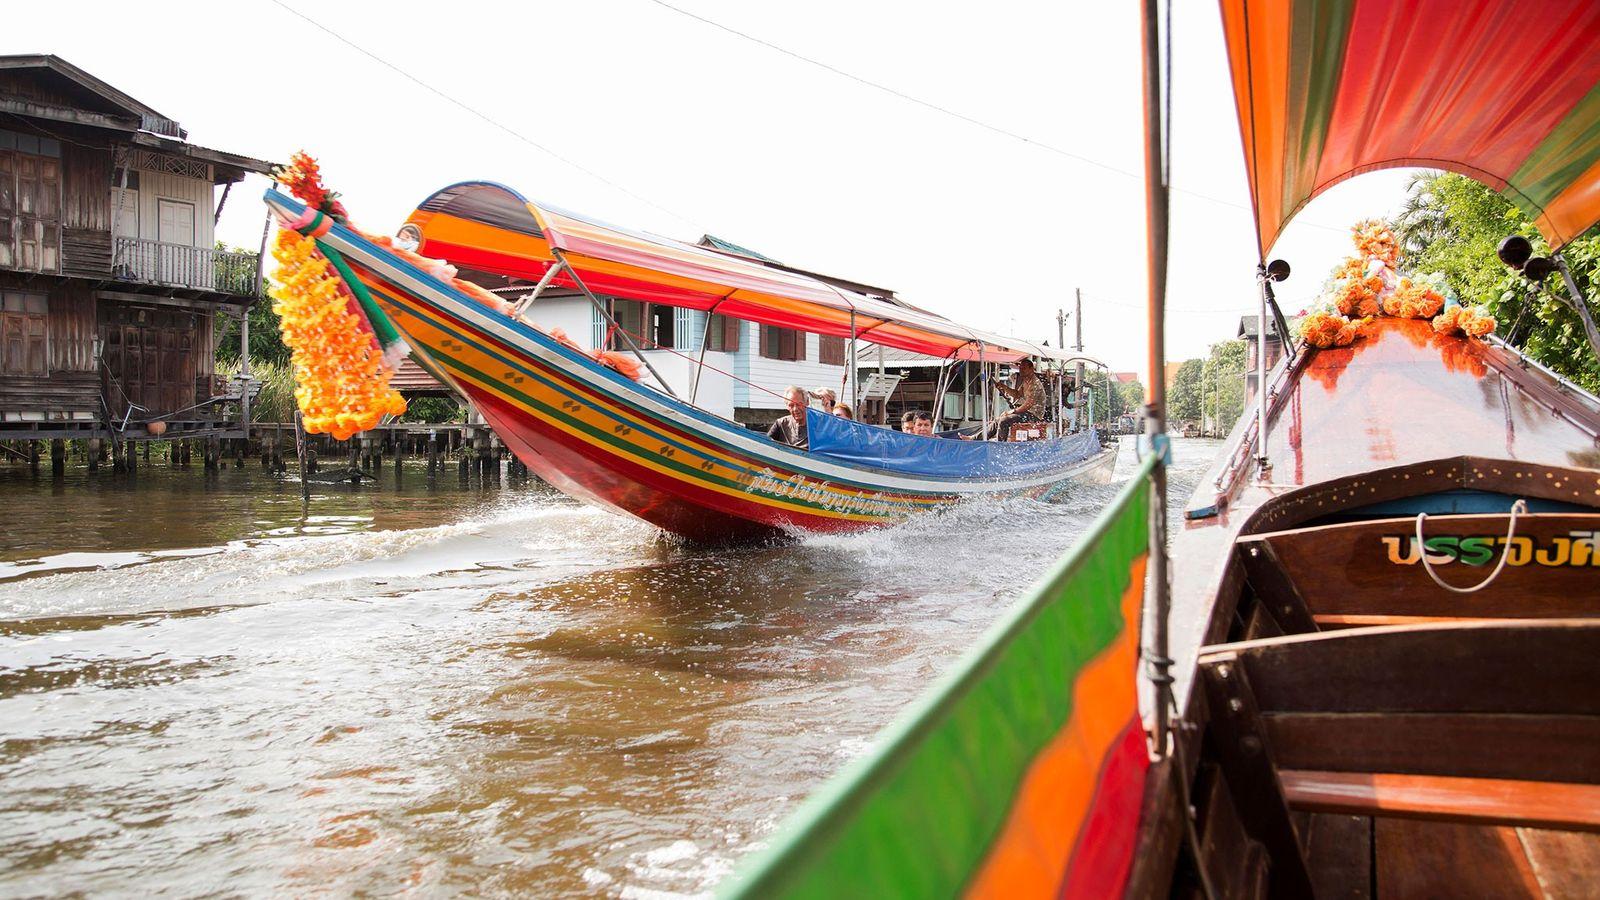 À Bangkok, des bateaux colorés naviguent sur le fleuve Chao Phraya. Avec l'urbanisation, certaines communautés et ...